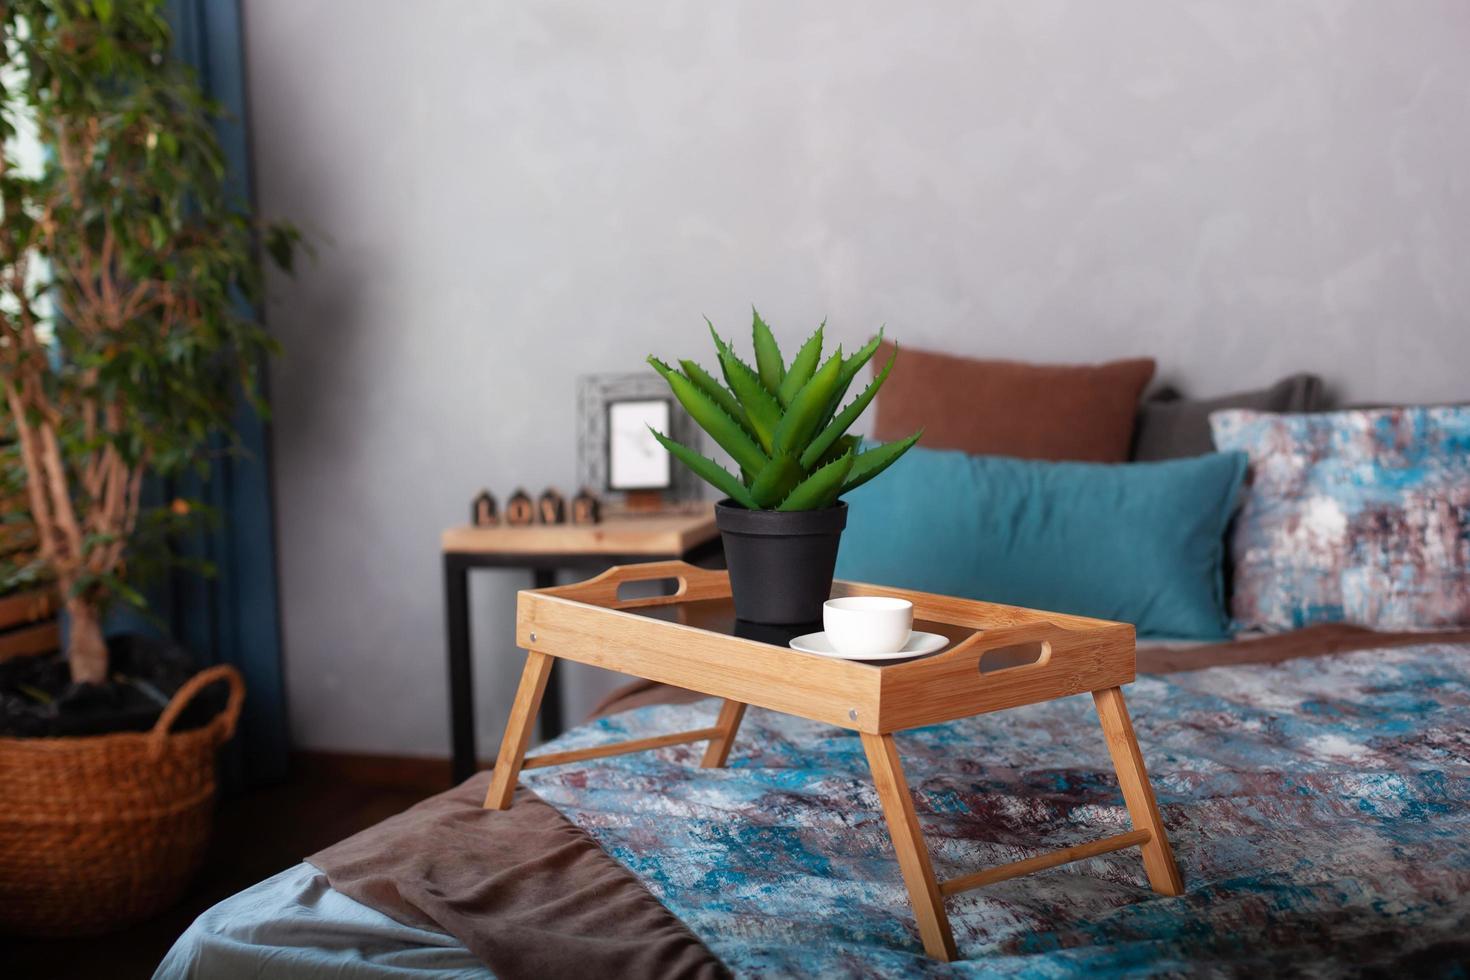 intérieur de la chambre avec une petite table sur le lit photo